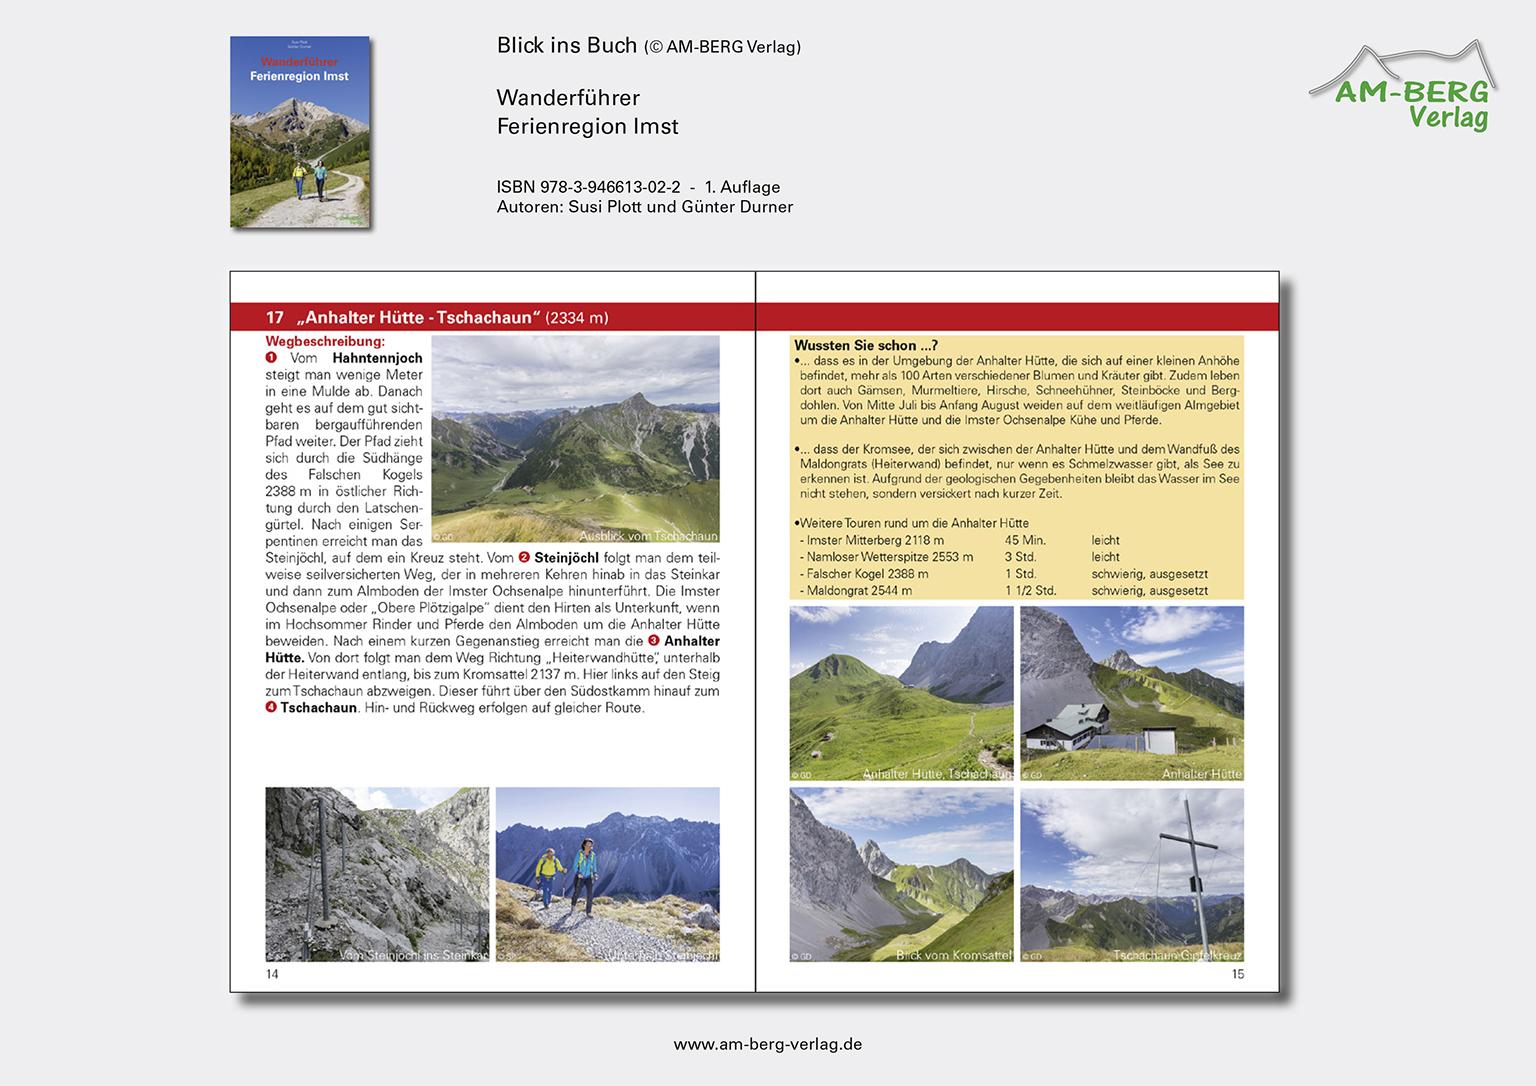 Wanderführer Ferienregion Imst_BlickinsBuch08